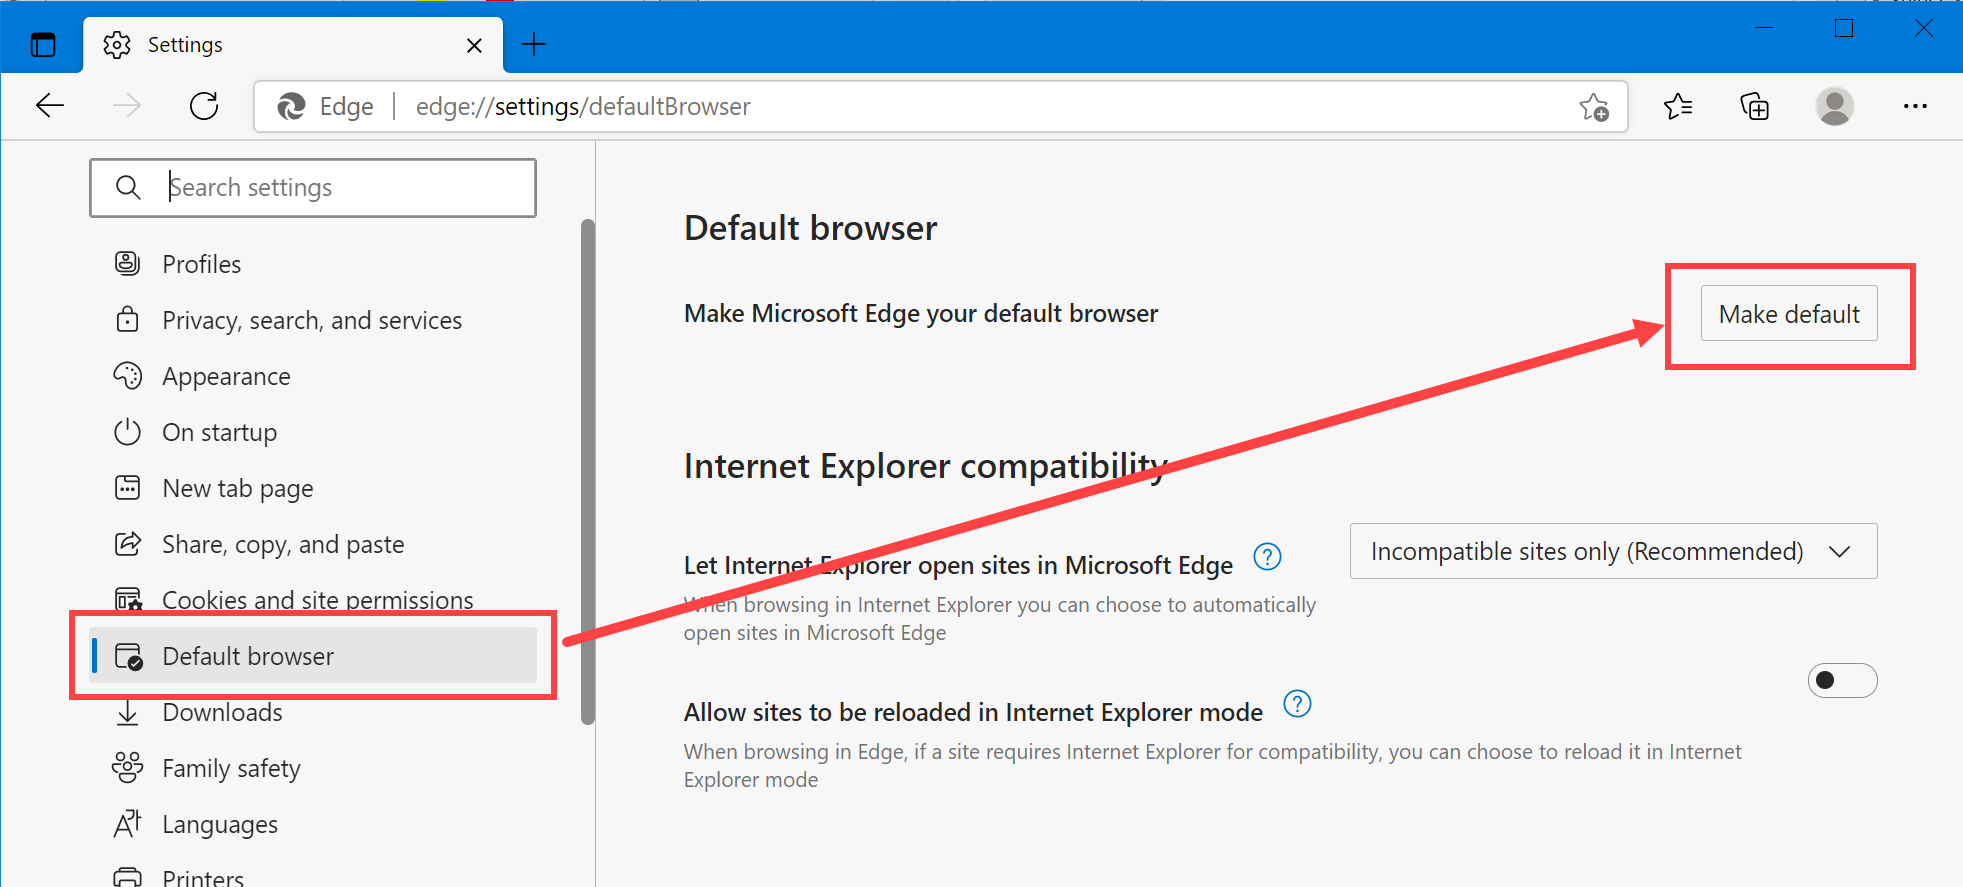 Make Edge Default Browser